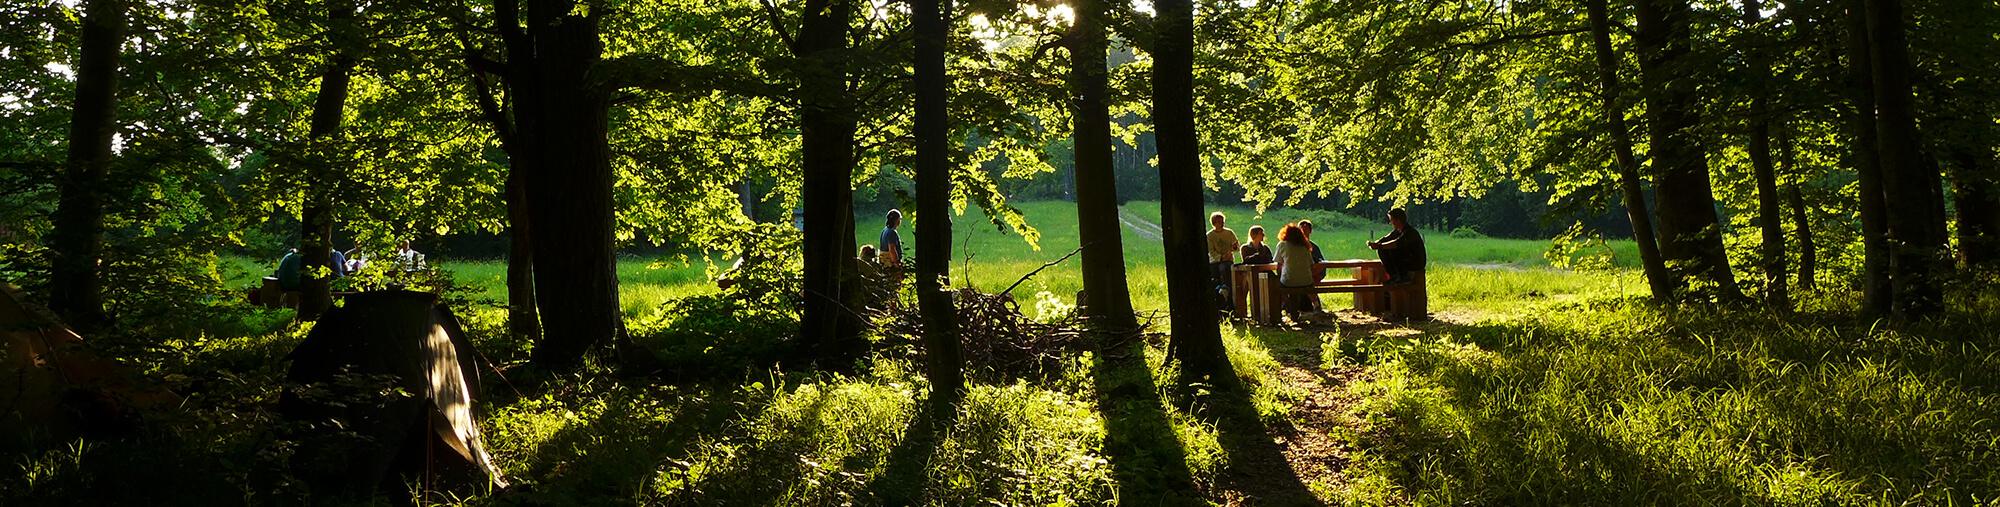 Padokon ülő turisták az erdő szélén